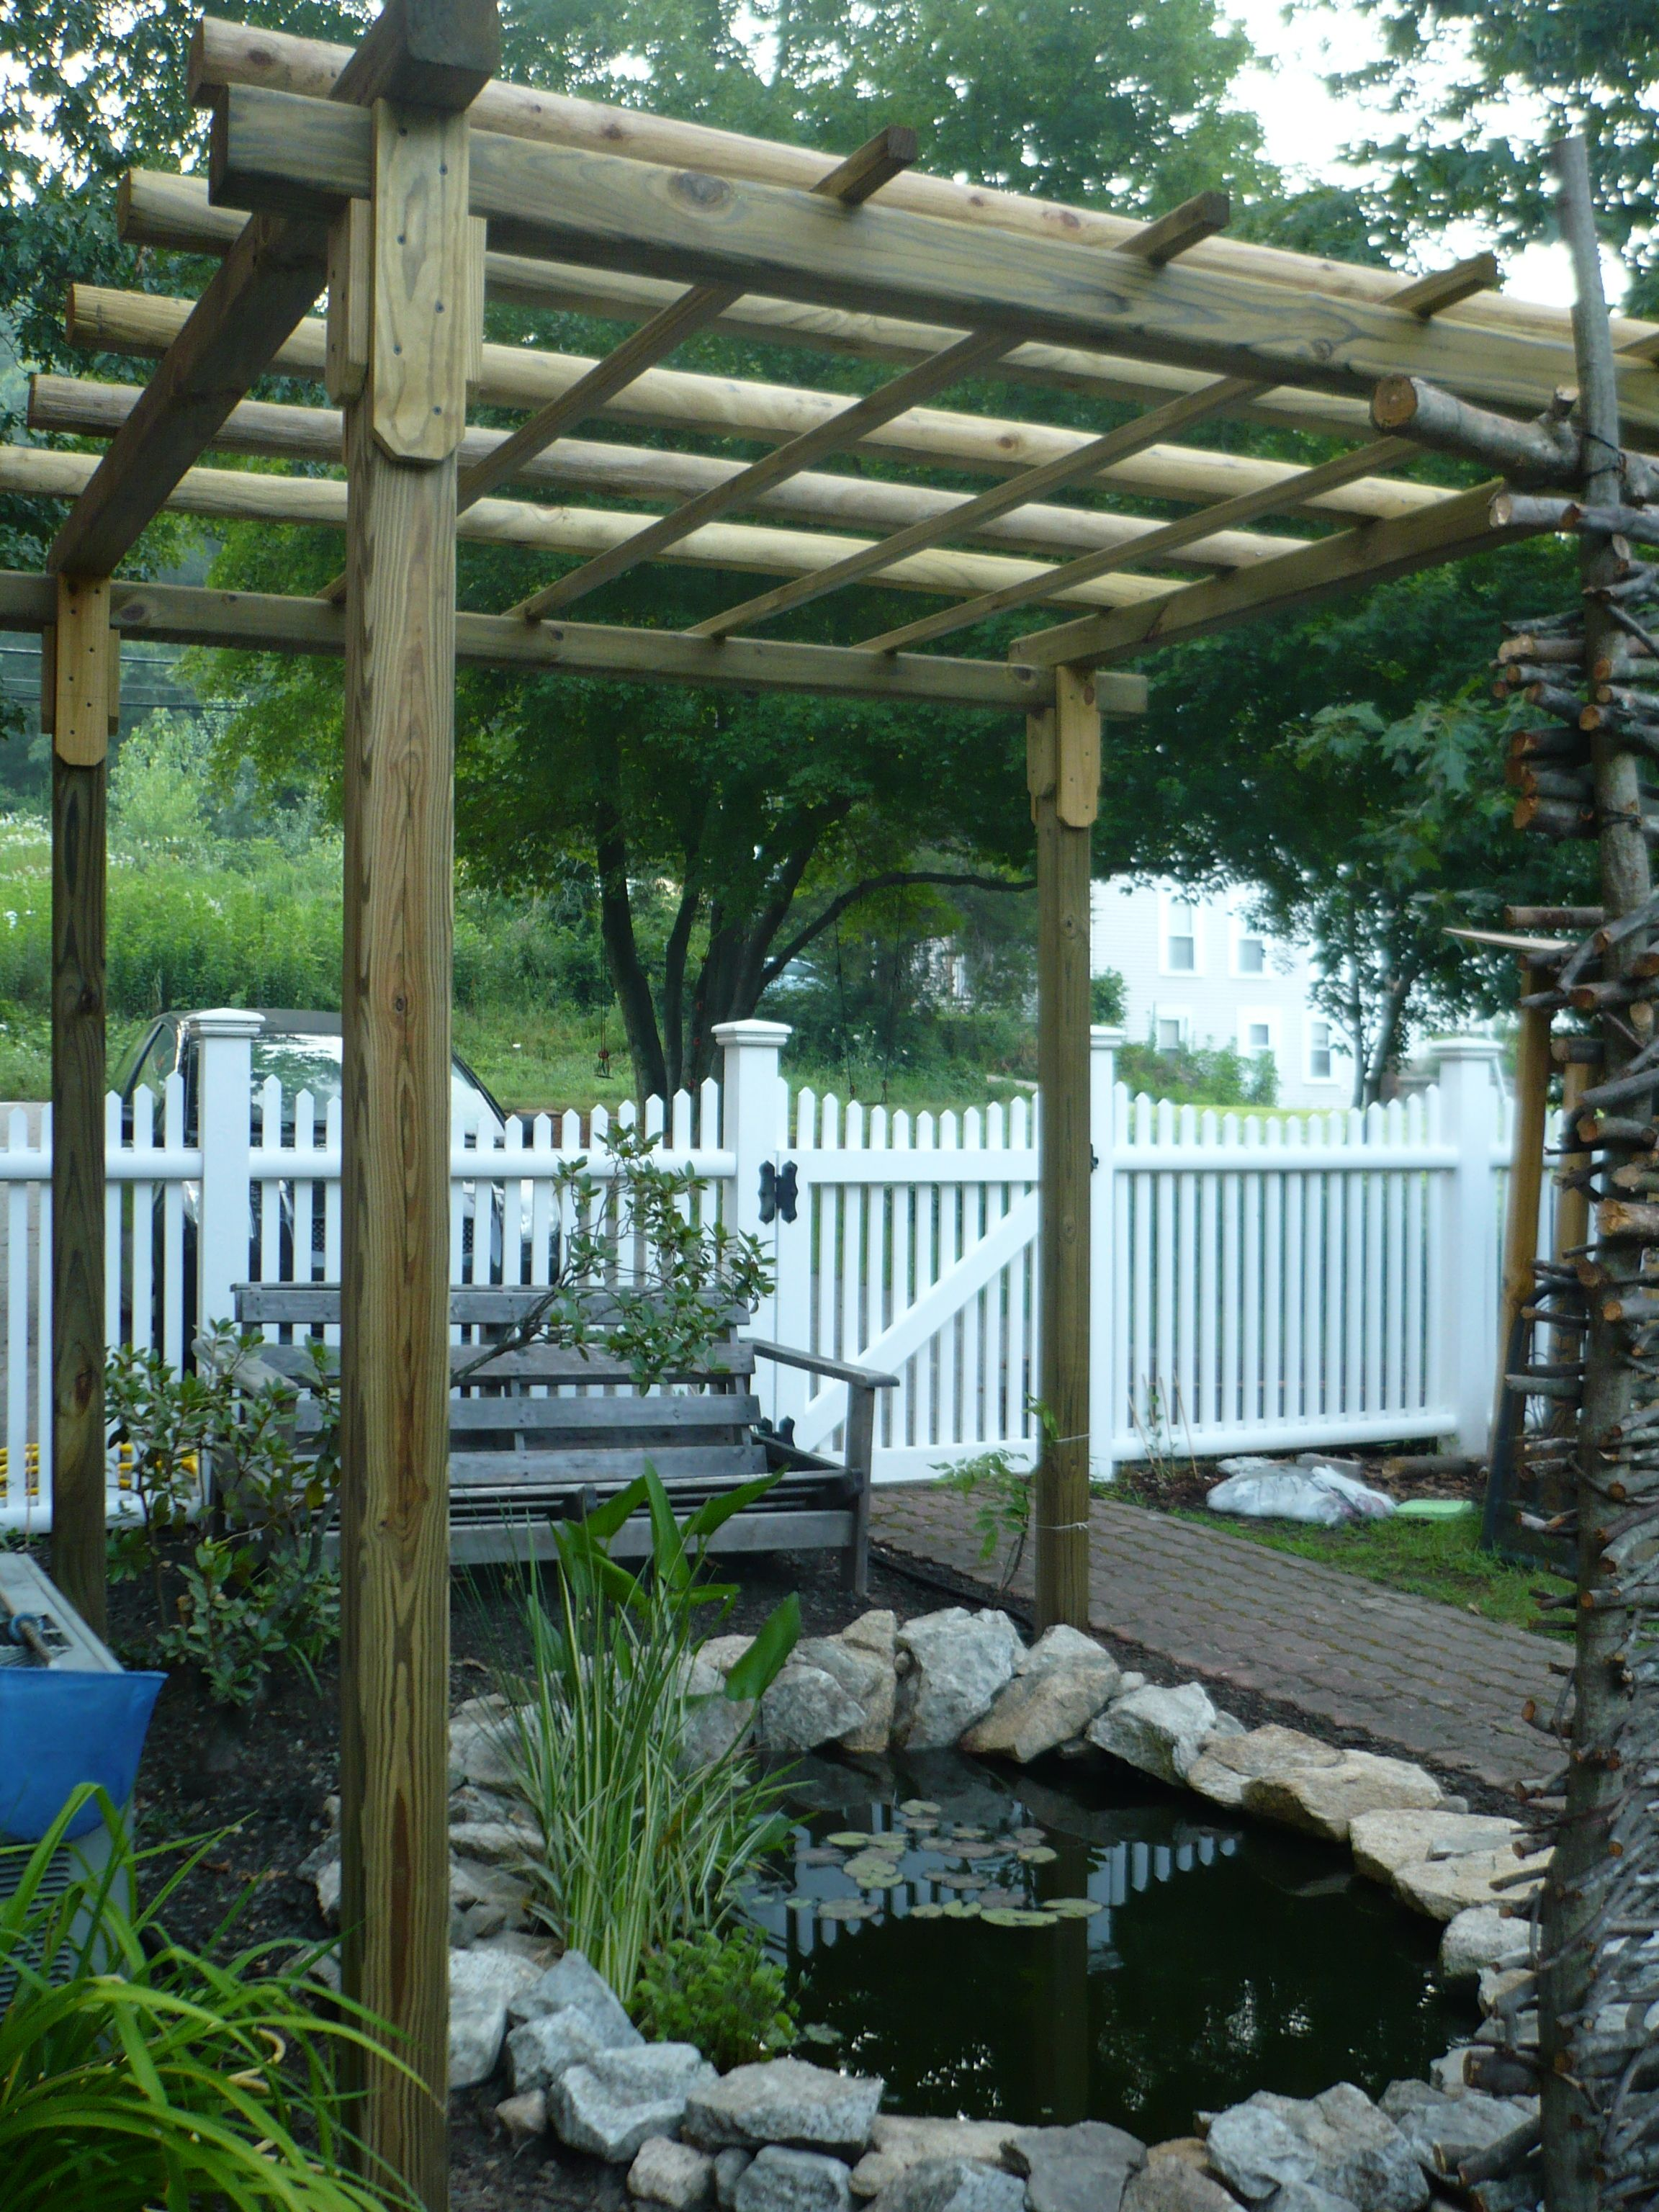 Pergola I decided to build a pergola over the pond Hoping this